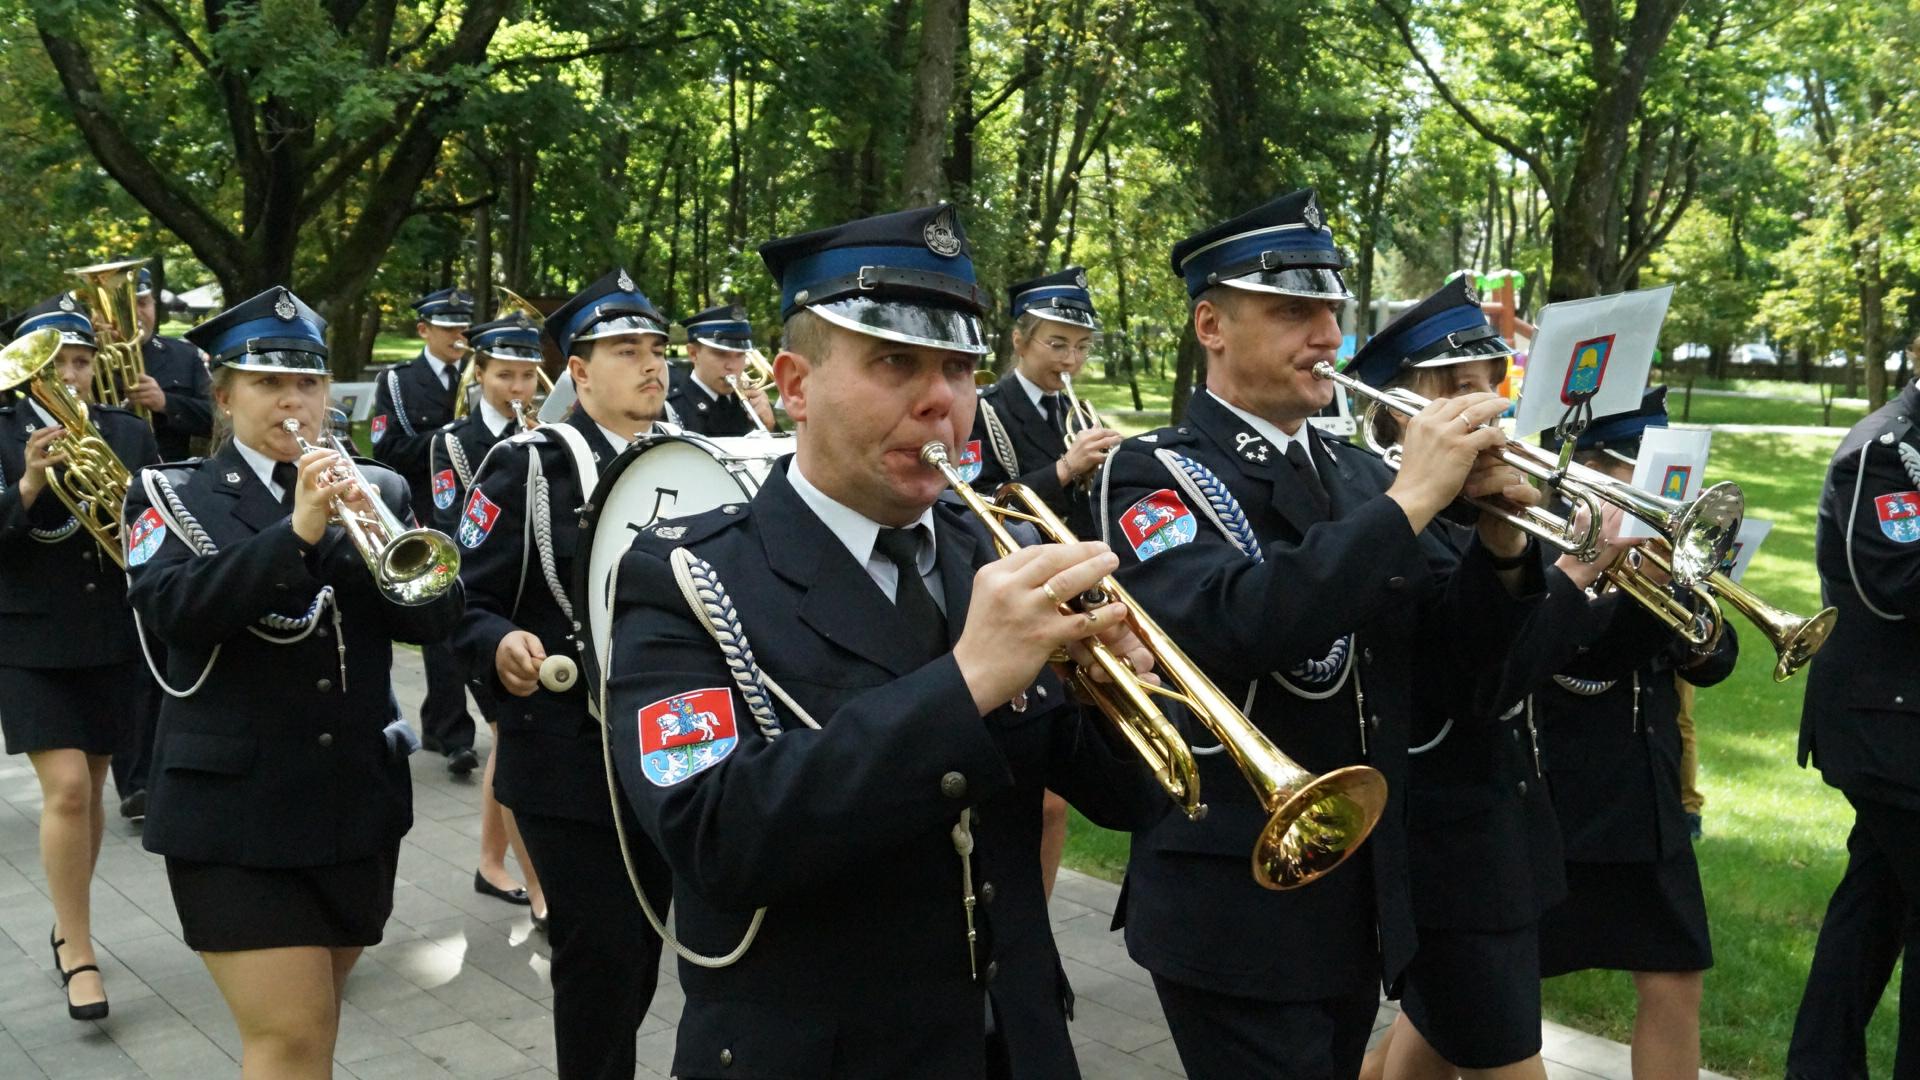 Zdjęcie przedstawia członków orkiestry dętej OPS